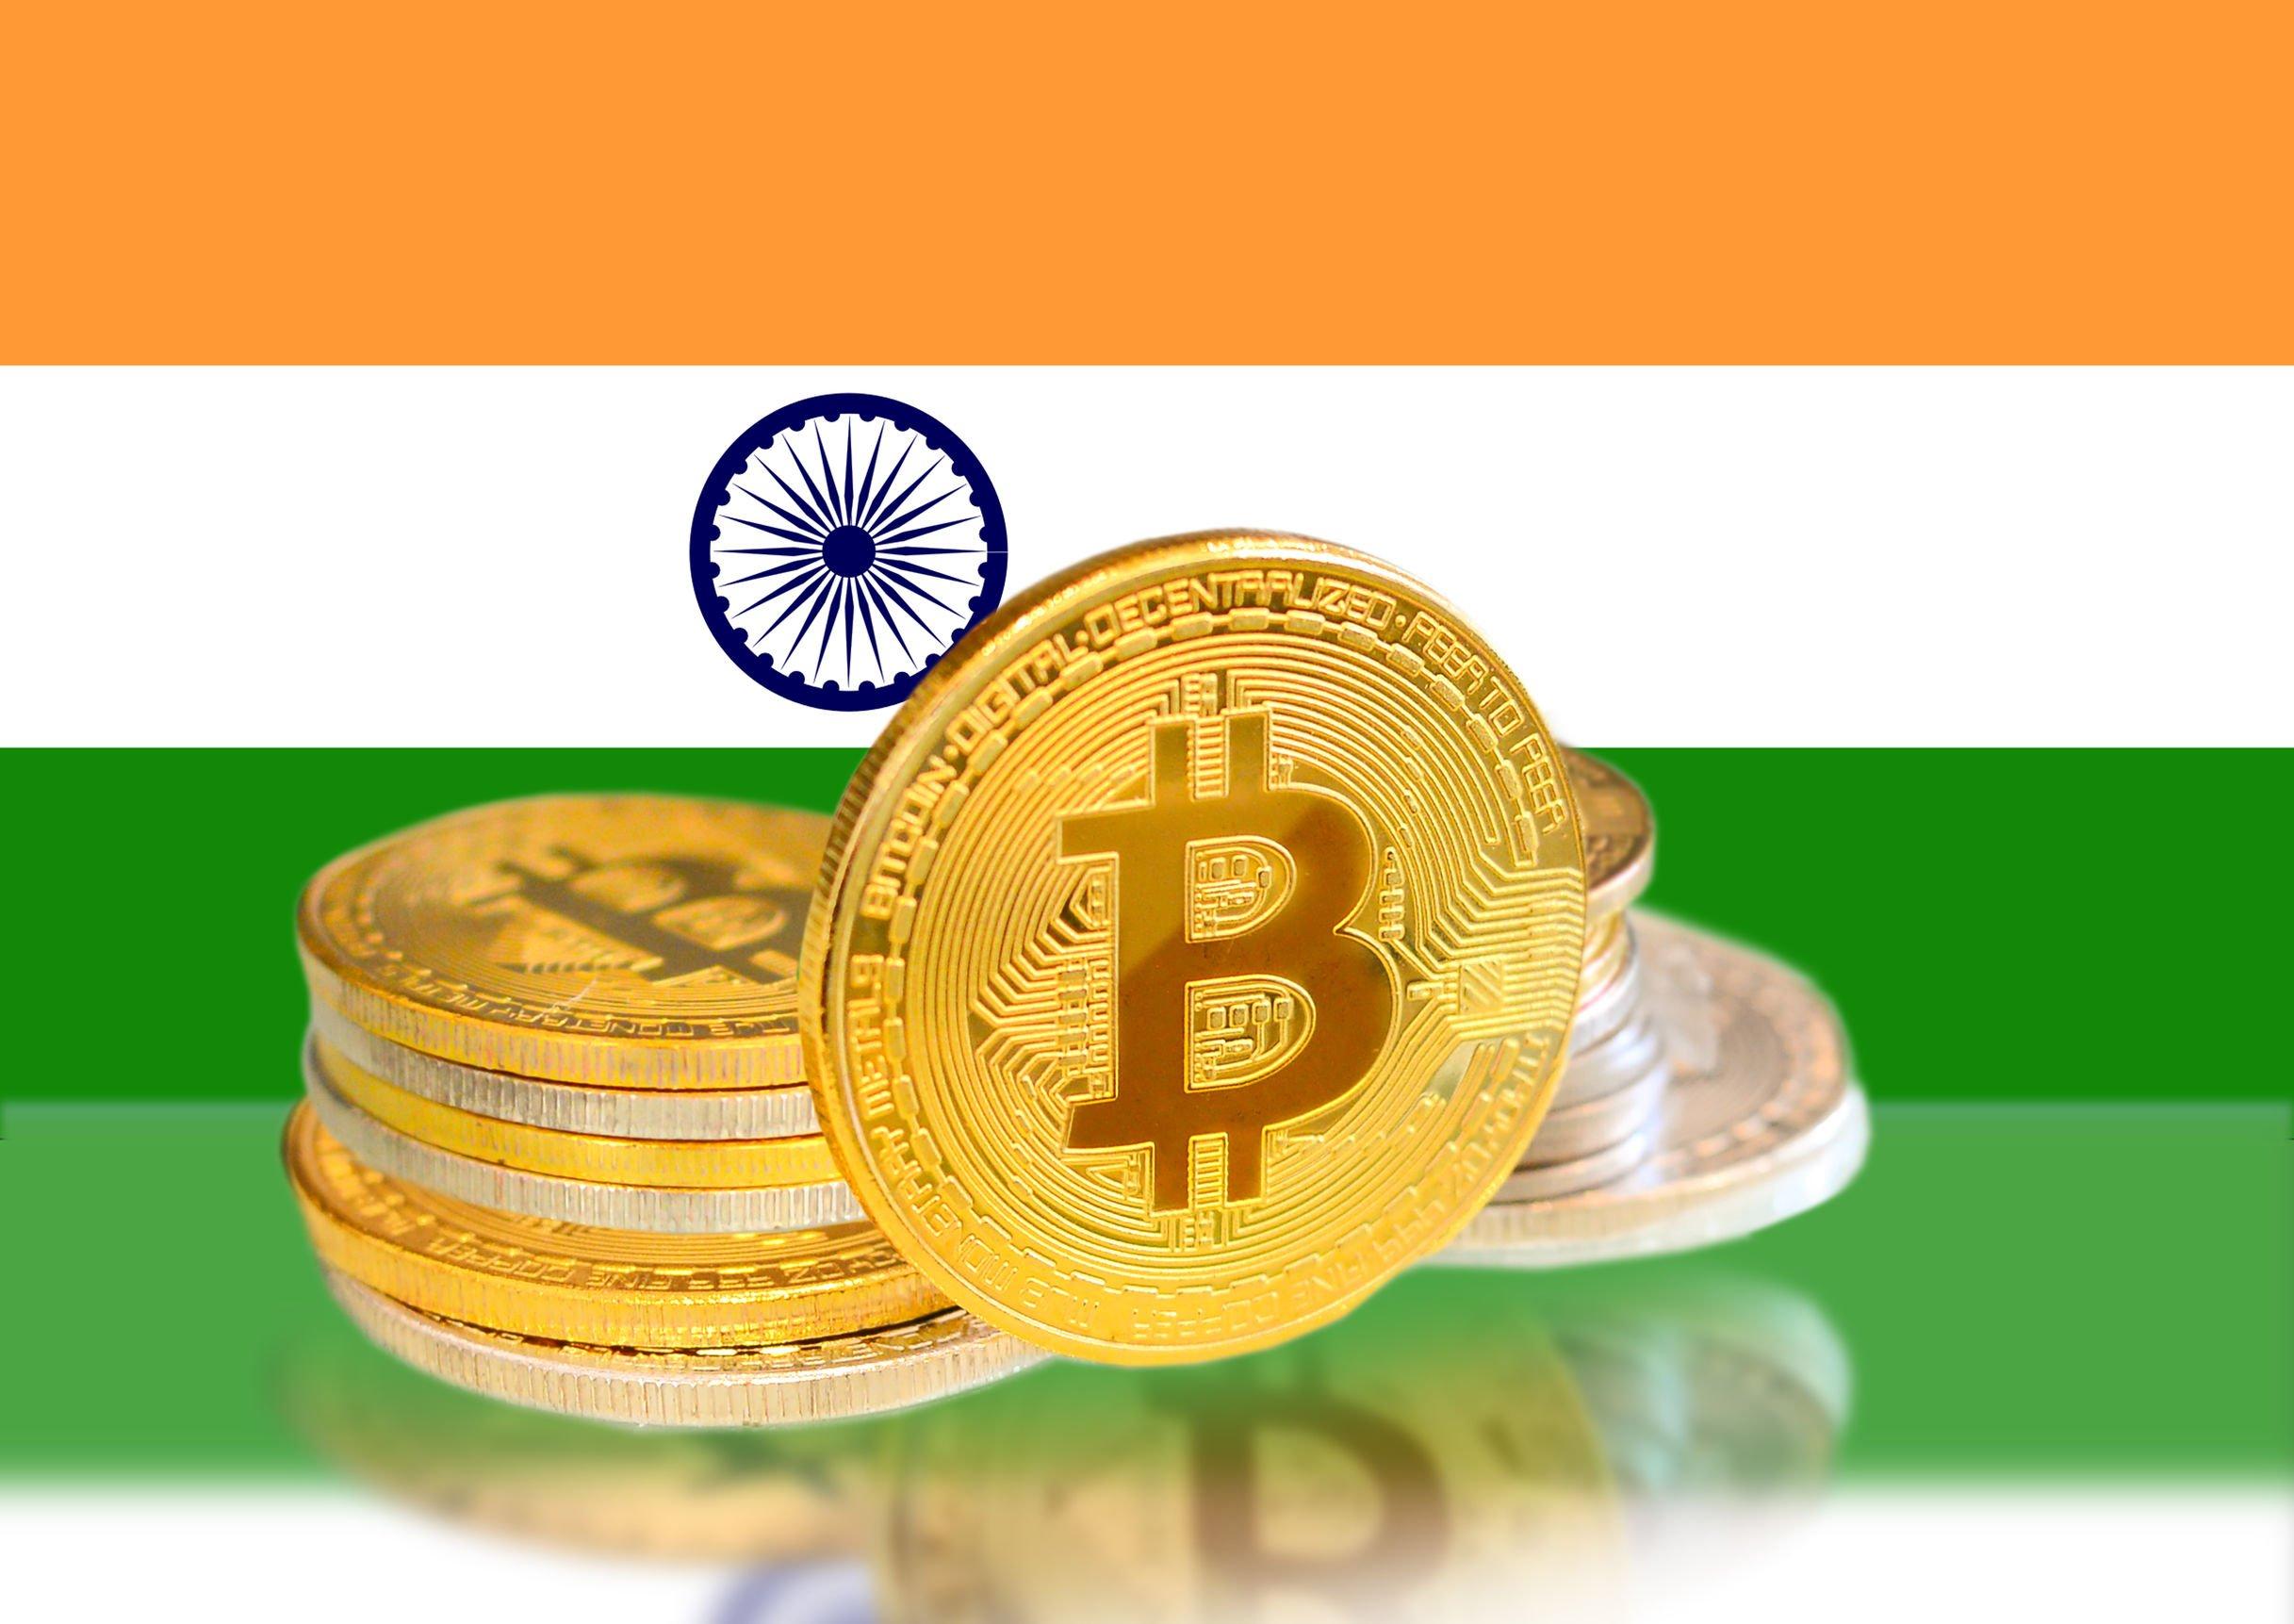 В Индии запретят криптовалюту и создадут государственную цифровую валюту